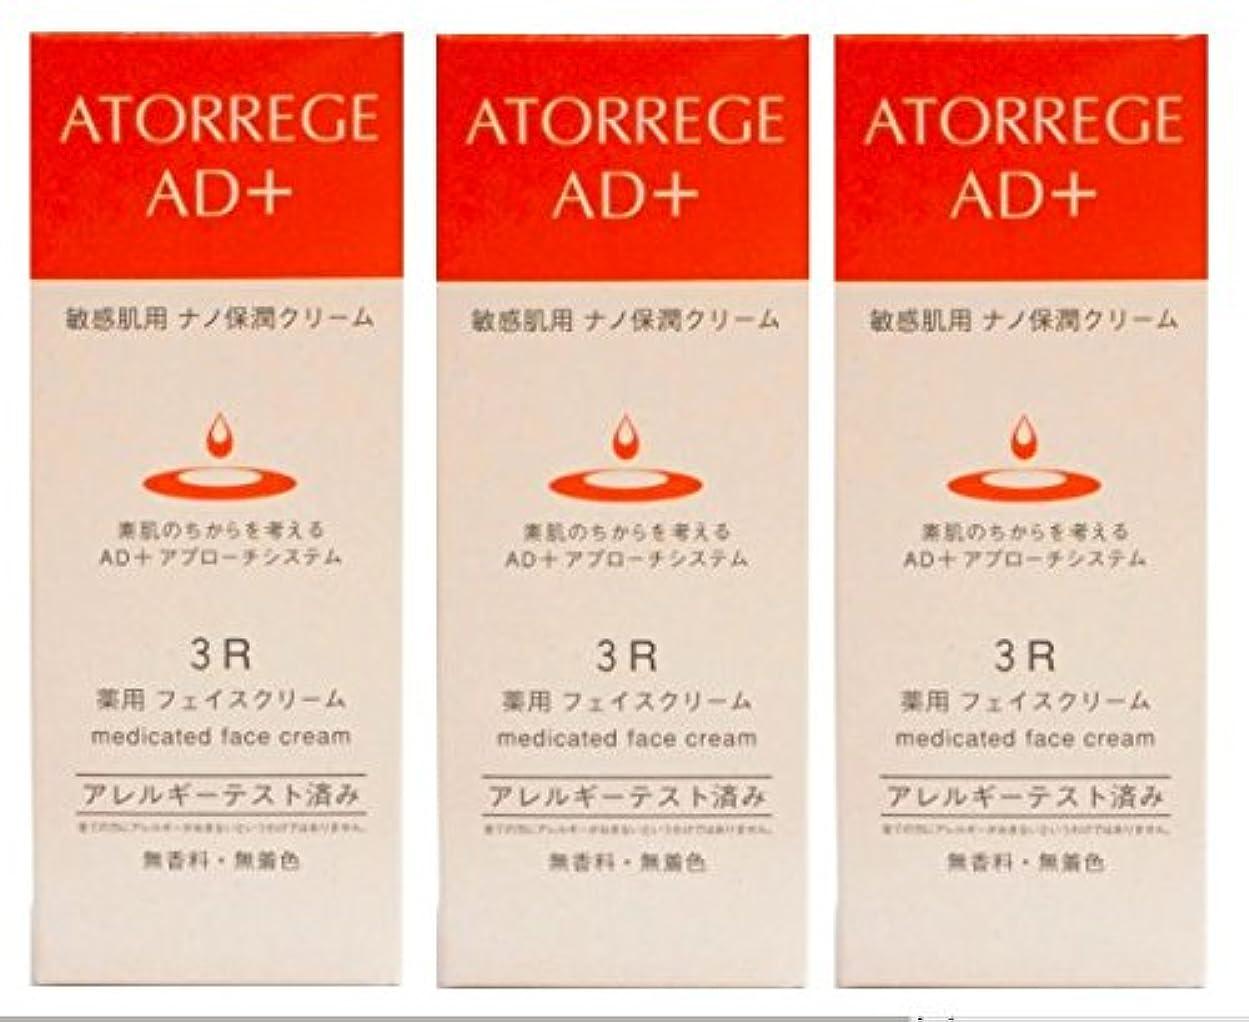 一時的インストラクター(お買い得3本セット)アトレージュ AD+薬用フェイスクリーム 35g(敏感肌用クリーム)(医薬部外品)